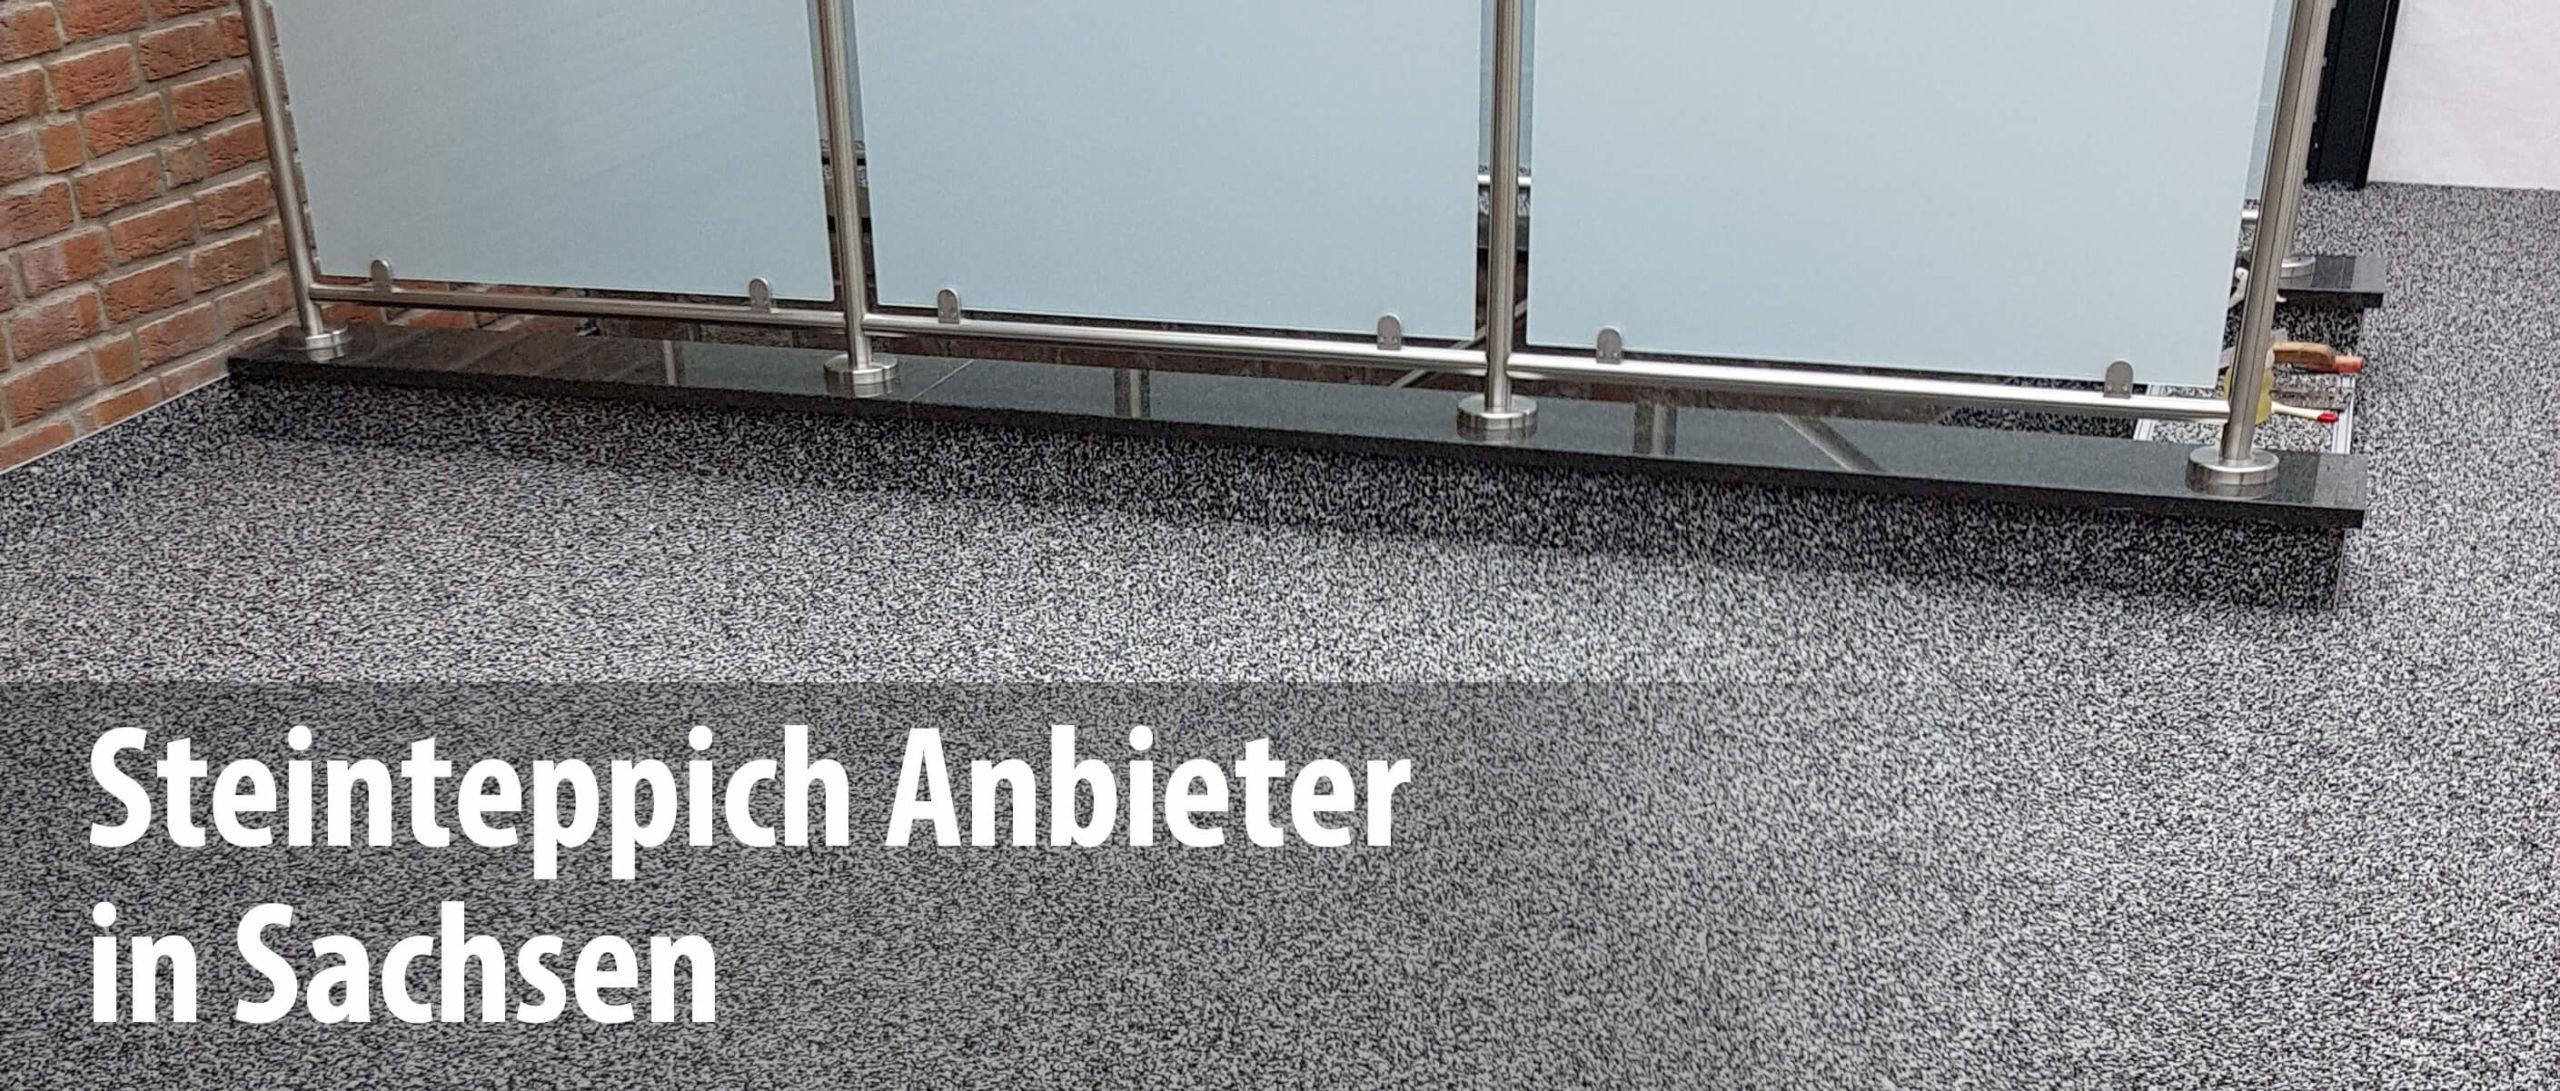 Wir arbeiten mit Steinteppich-Anbietern in Sachsen zusammen und bieten mit unseren Partnern die professionelle Sanierung und Abdichtung von Balkonen und Terrassen.